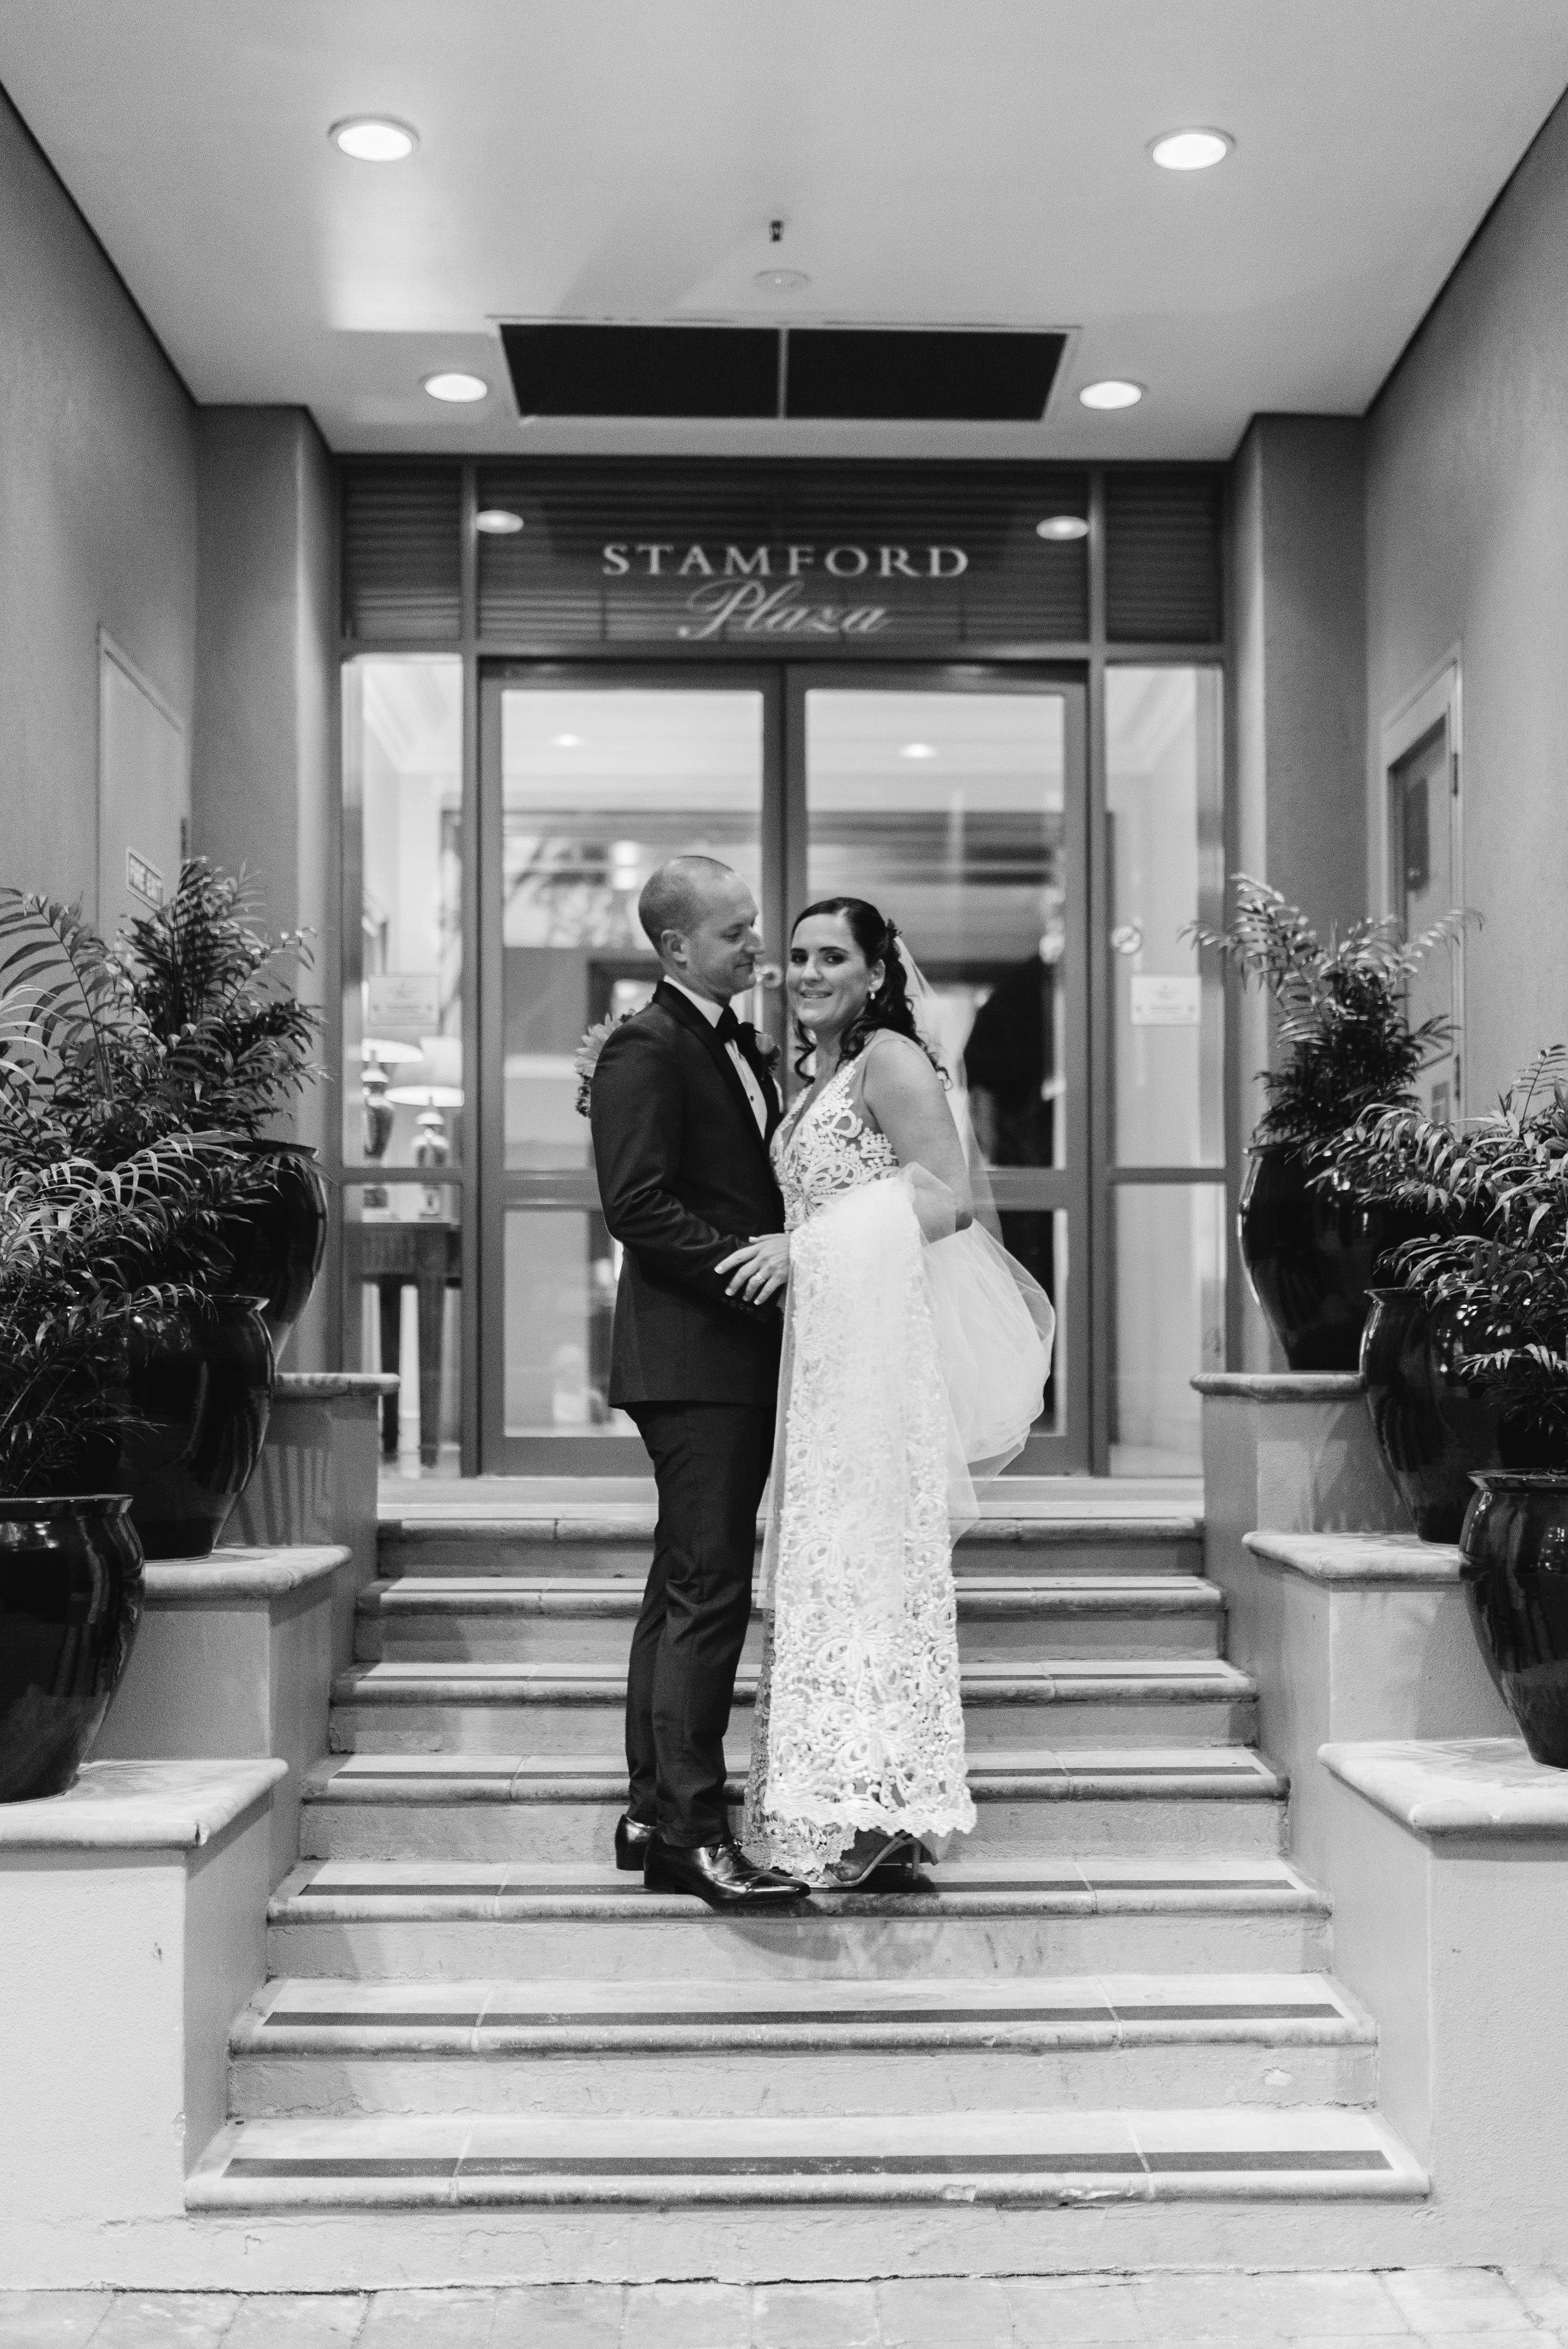 brisbane-stamford-plaza-wedding-60.jpg